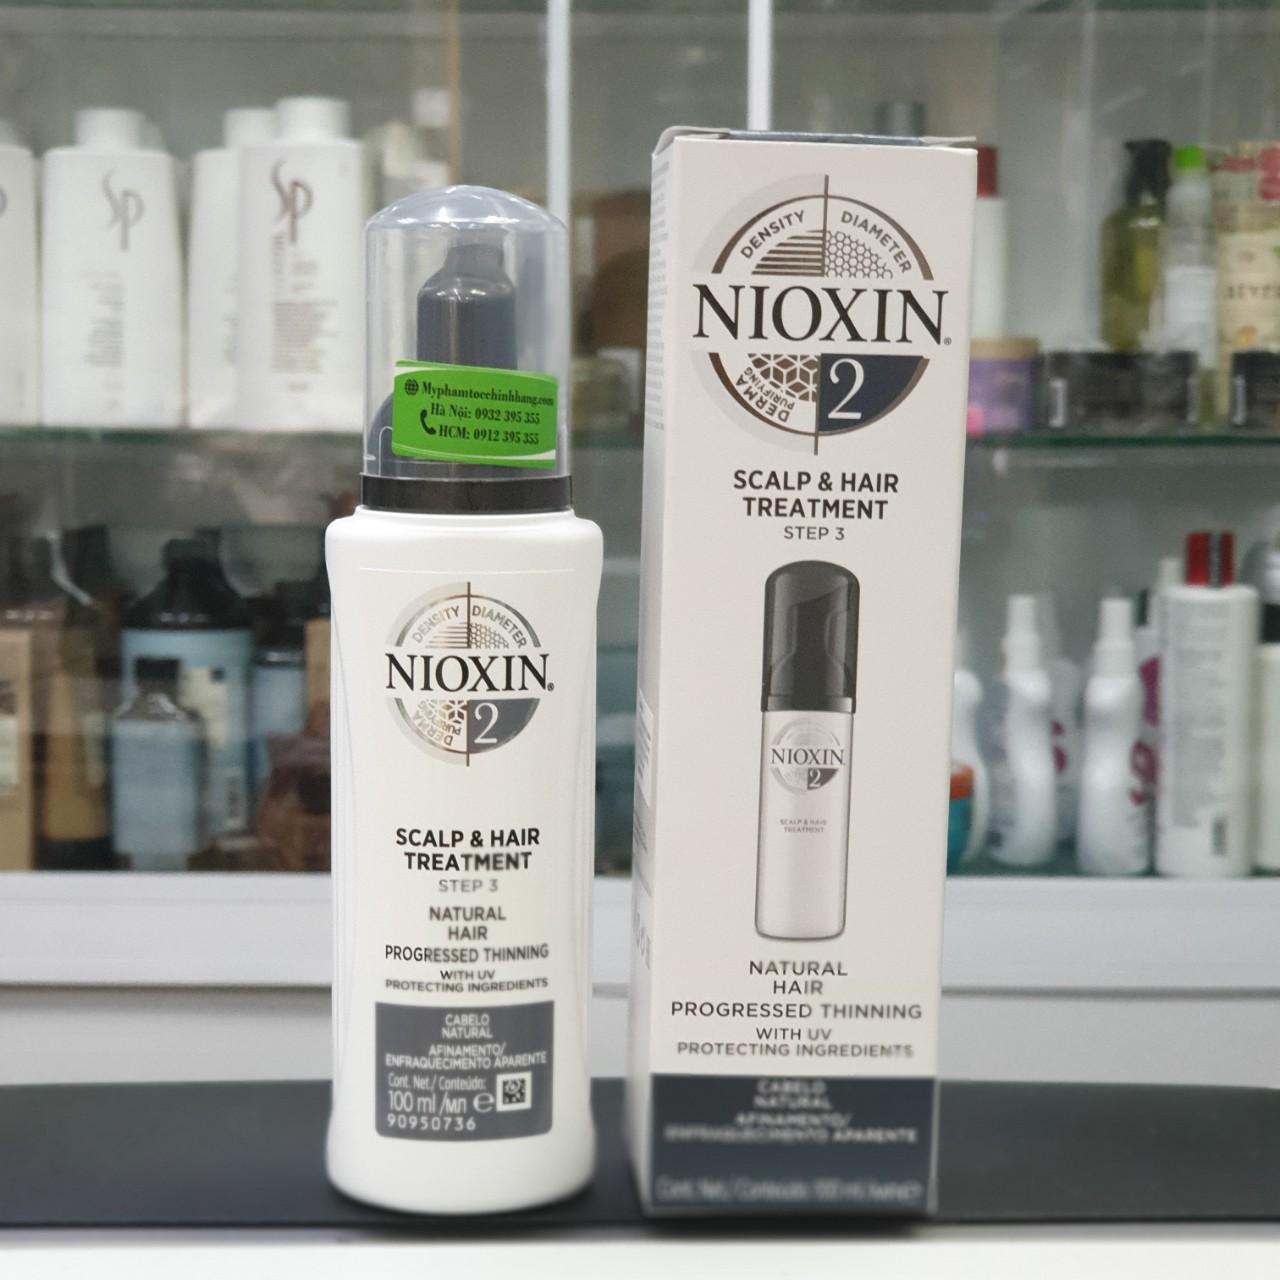 TINH CHẤT ĐIỀU TRỊ CHỐNG RỤNG NIOXIN SCALP TREATMENT 2